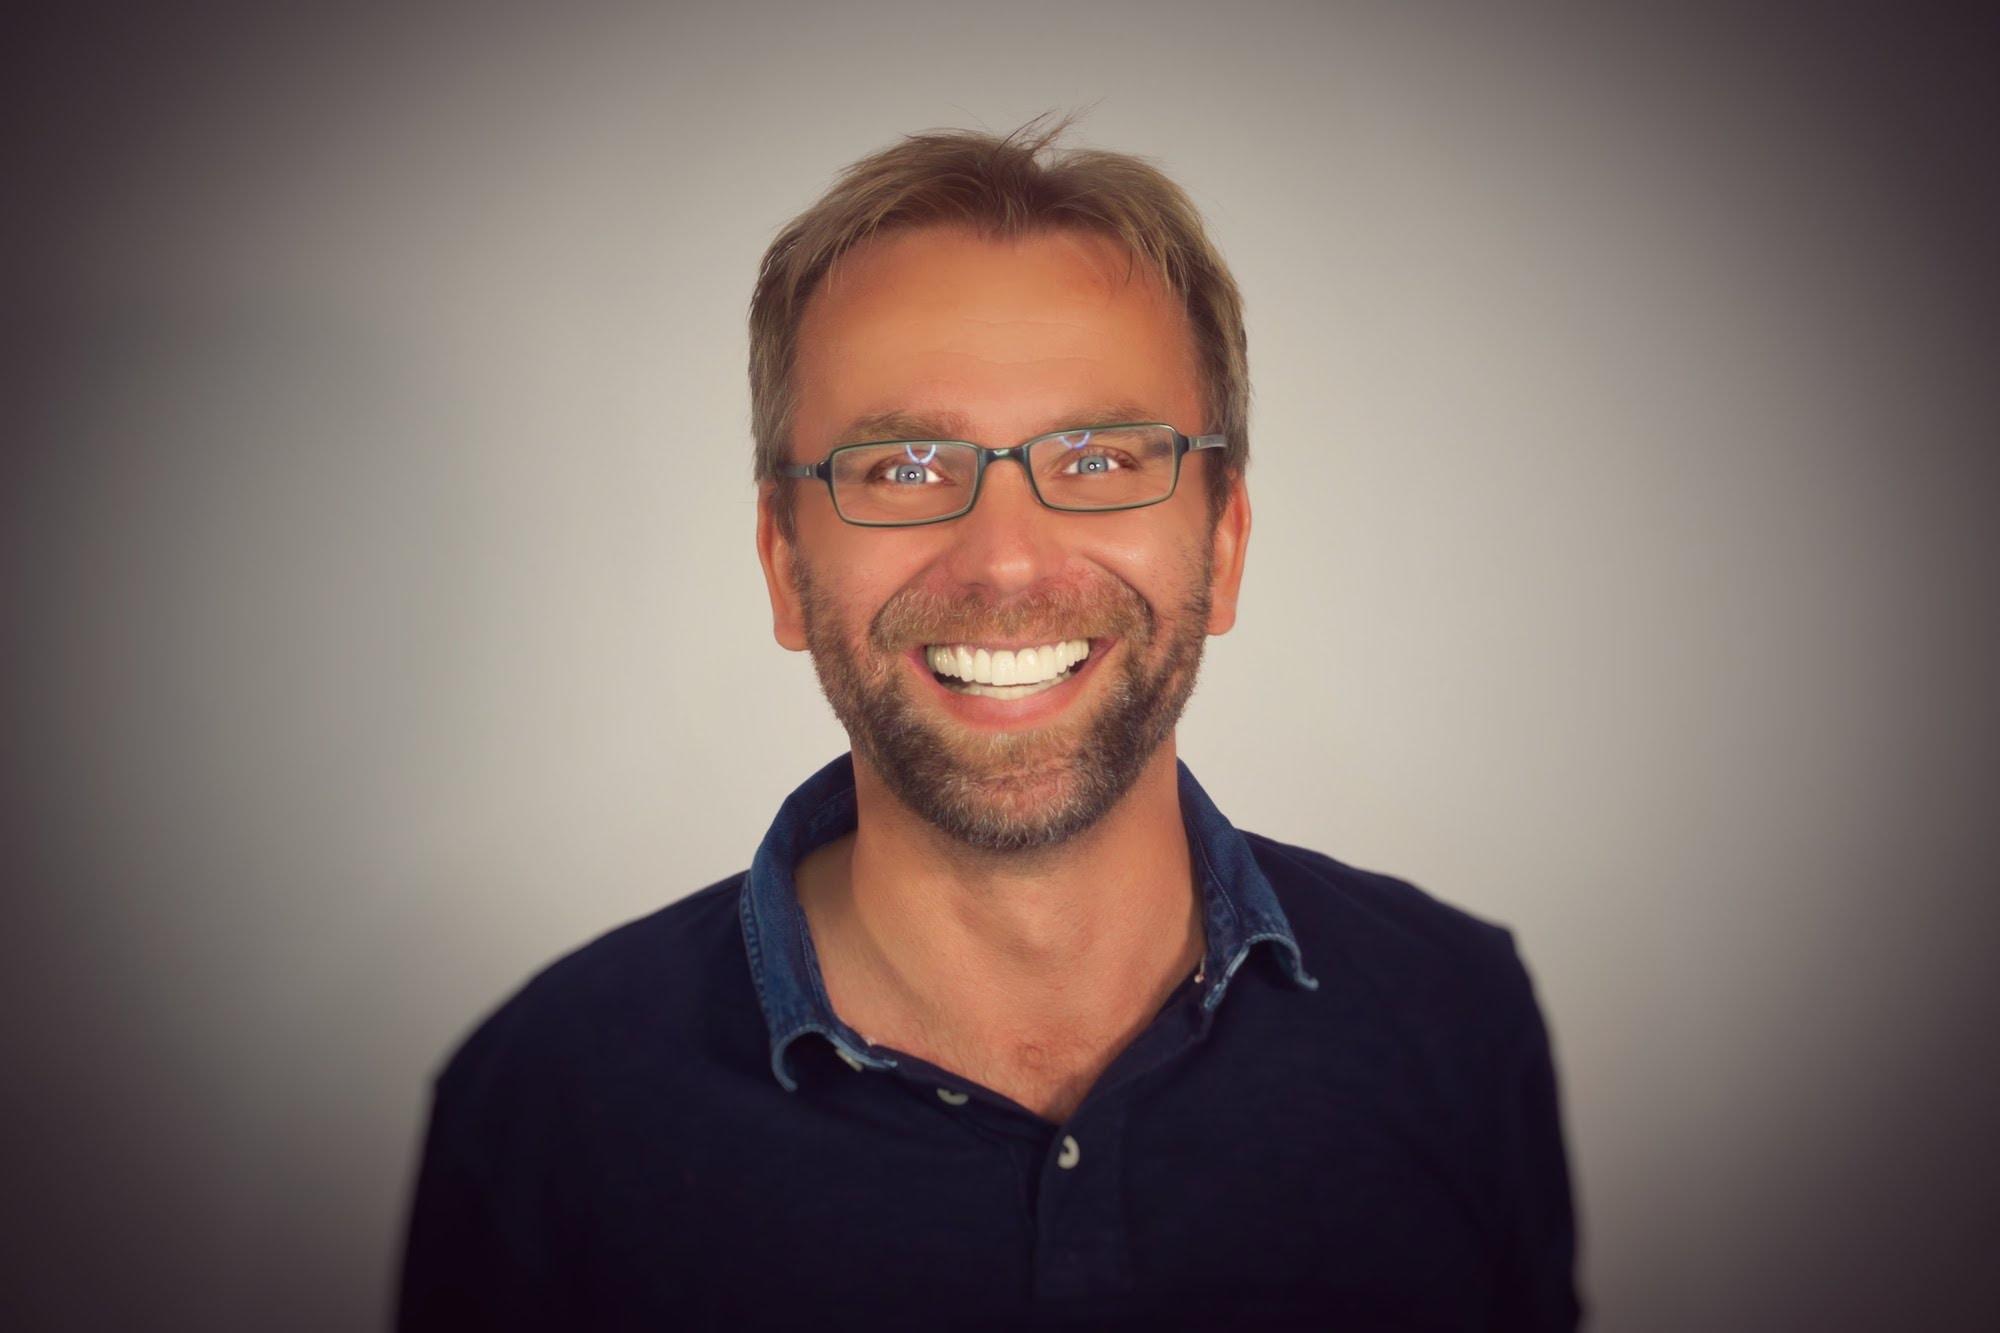 Go to Sebastian Fröhlich's profile